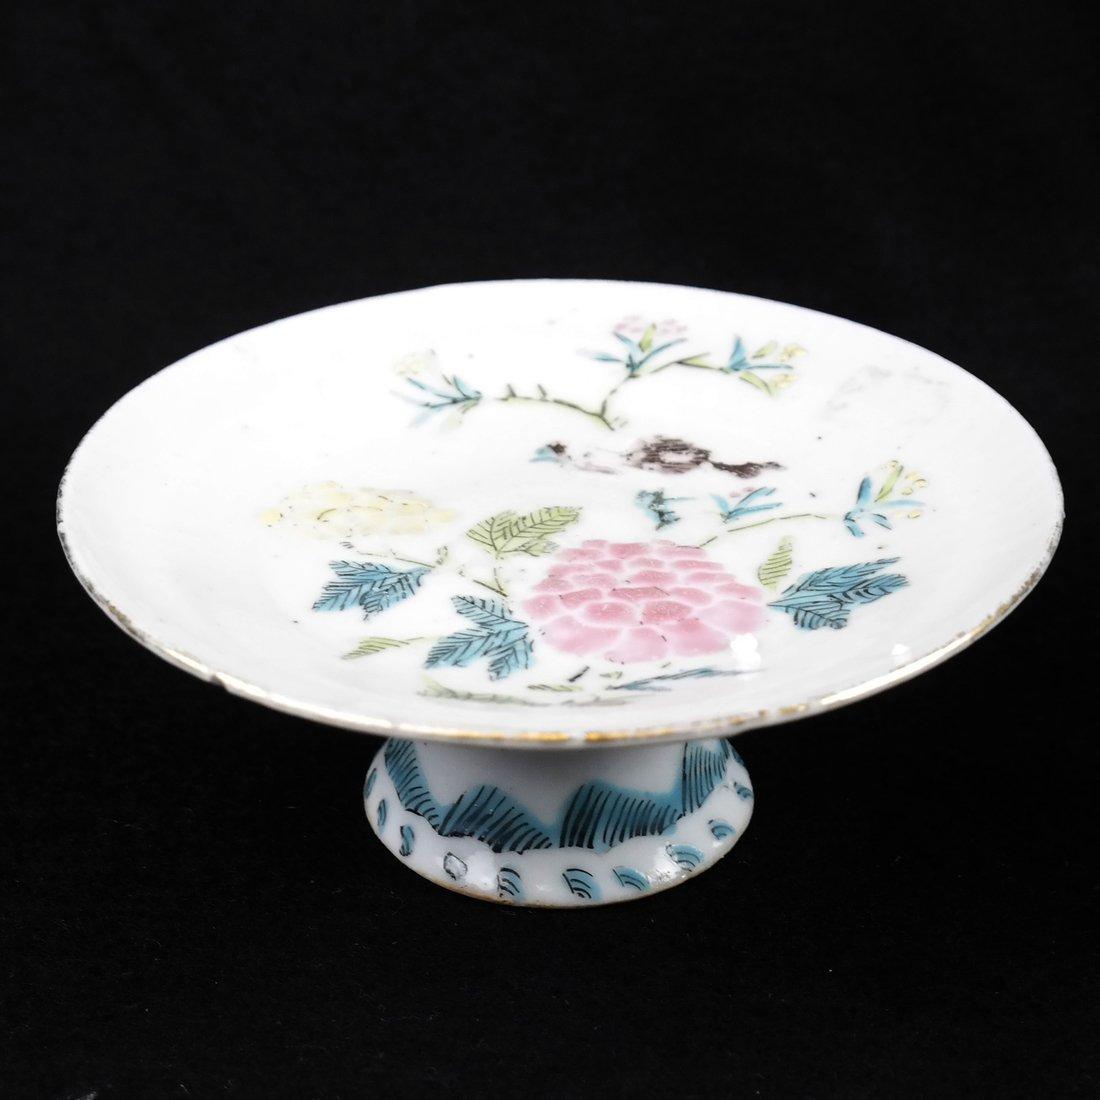 Six Pieces of Asian Porcelain - 3